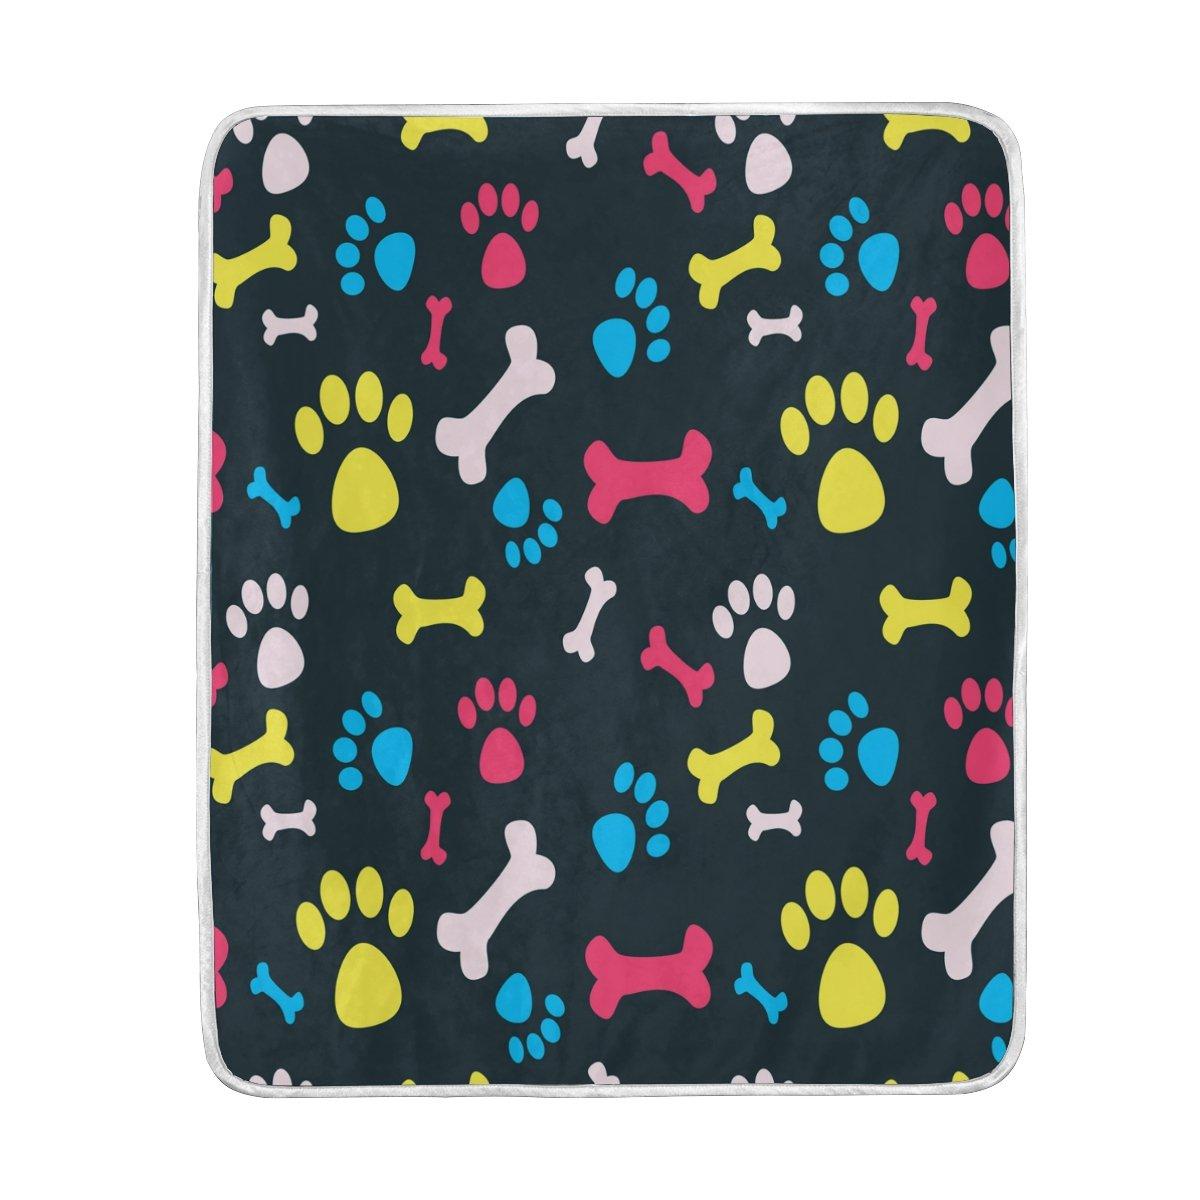 Alaza犬ペットFootprints Blanket Luxury Throw PersonalizedスタイリッシュFuzzyソフト暖かい軽量毛布ベッド用Counch All Seasonユニセックスメンズレディース男の子女の子50 x 60インチ B076F2BSX2